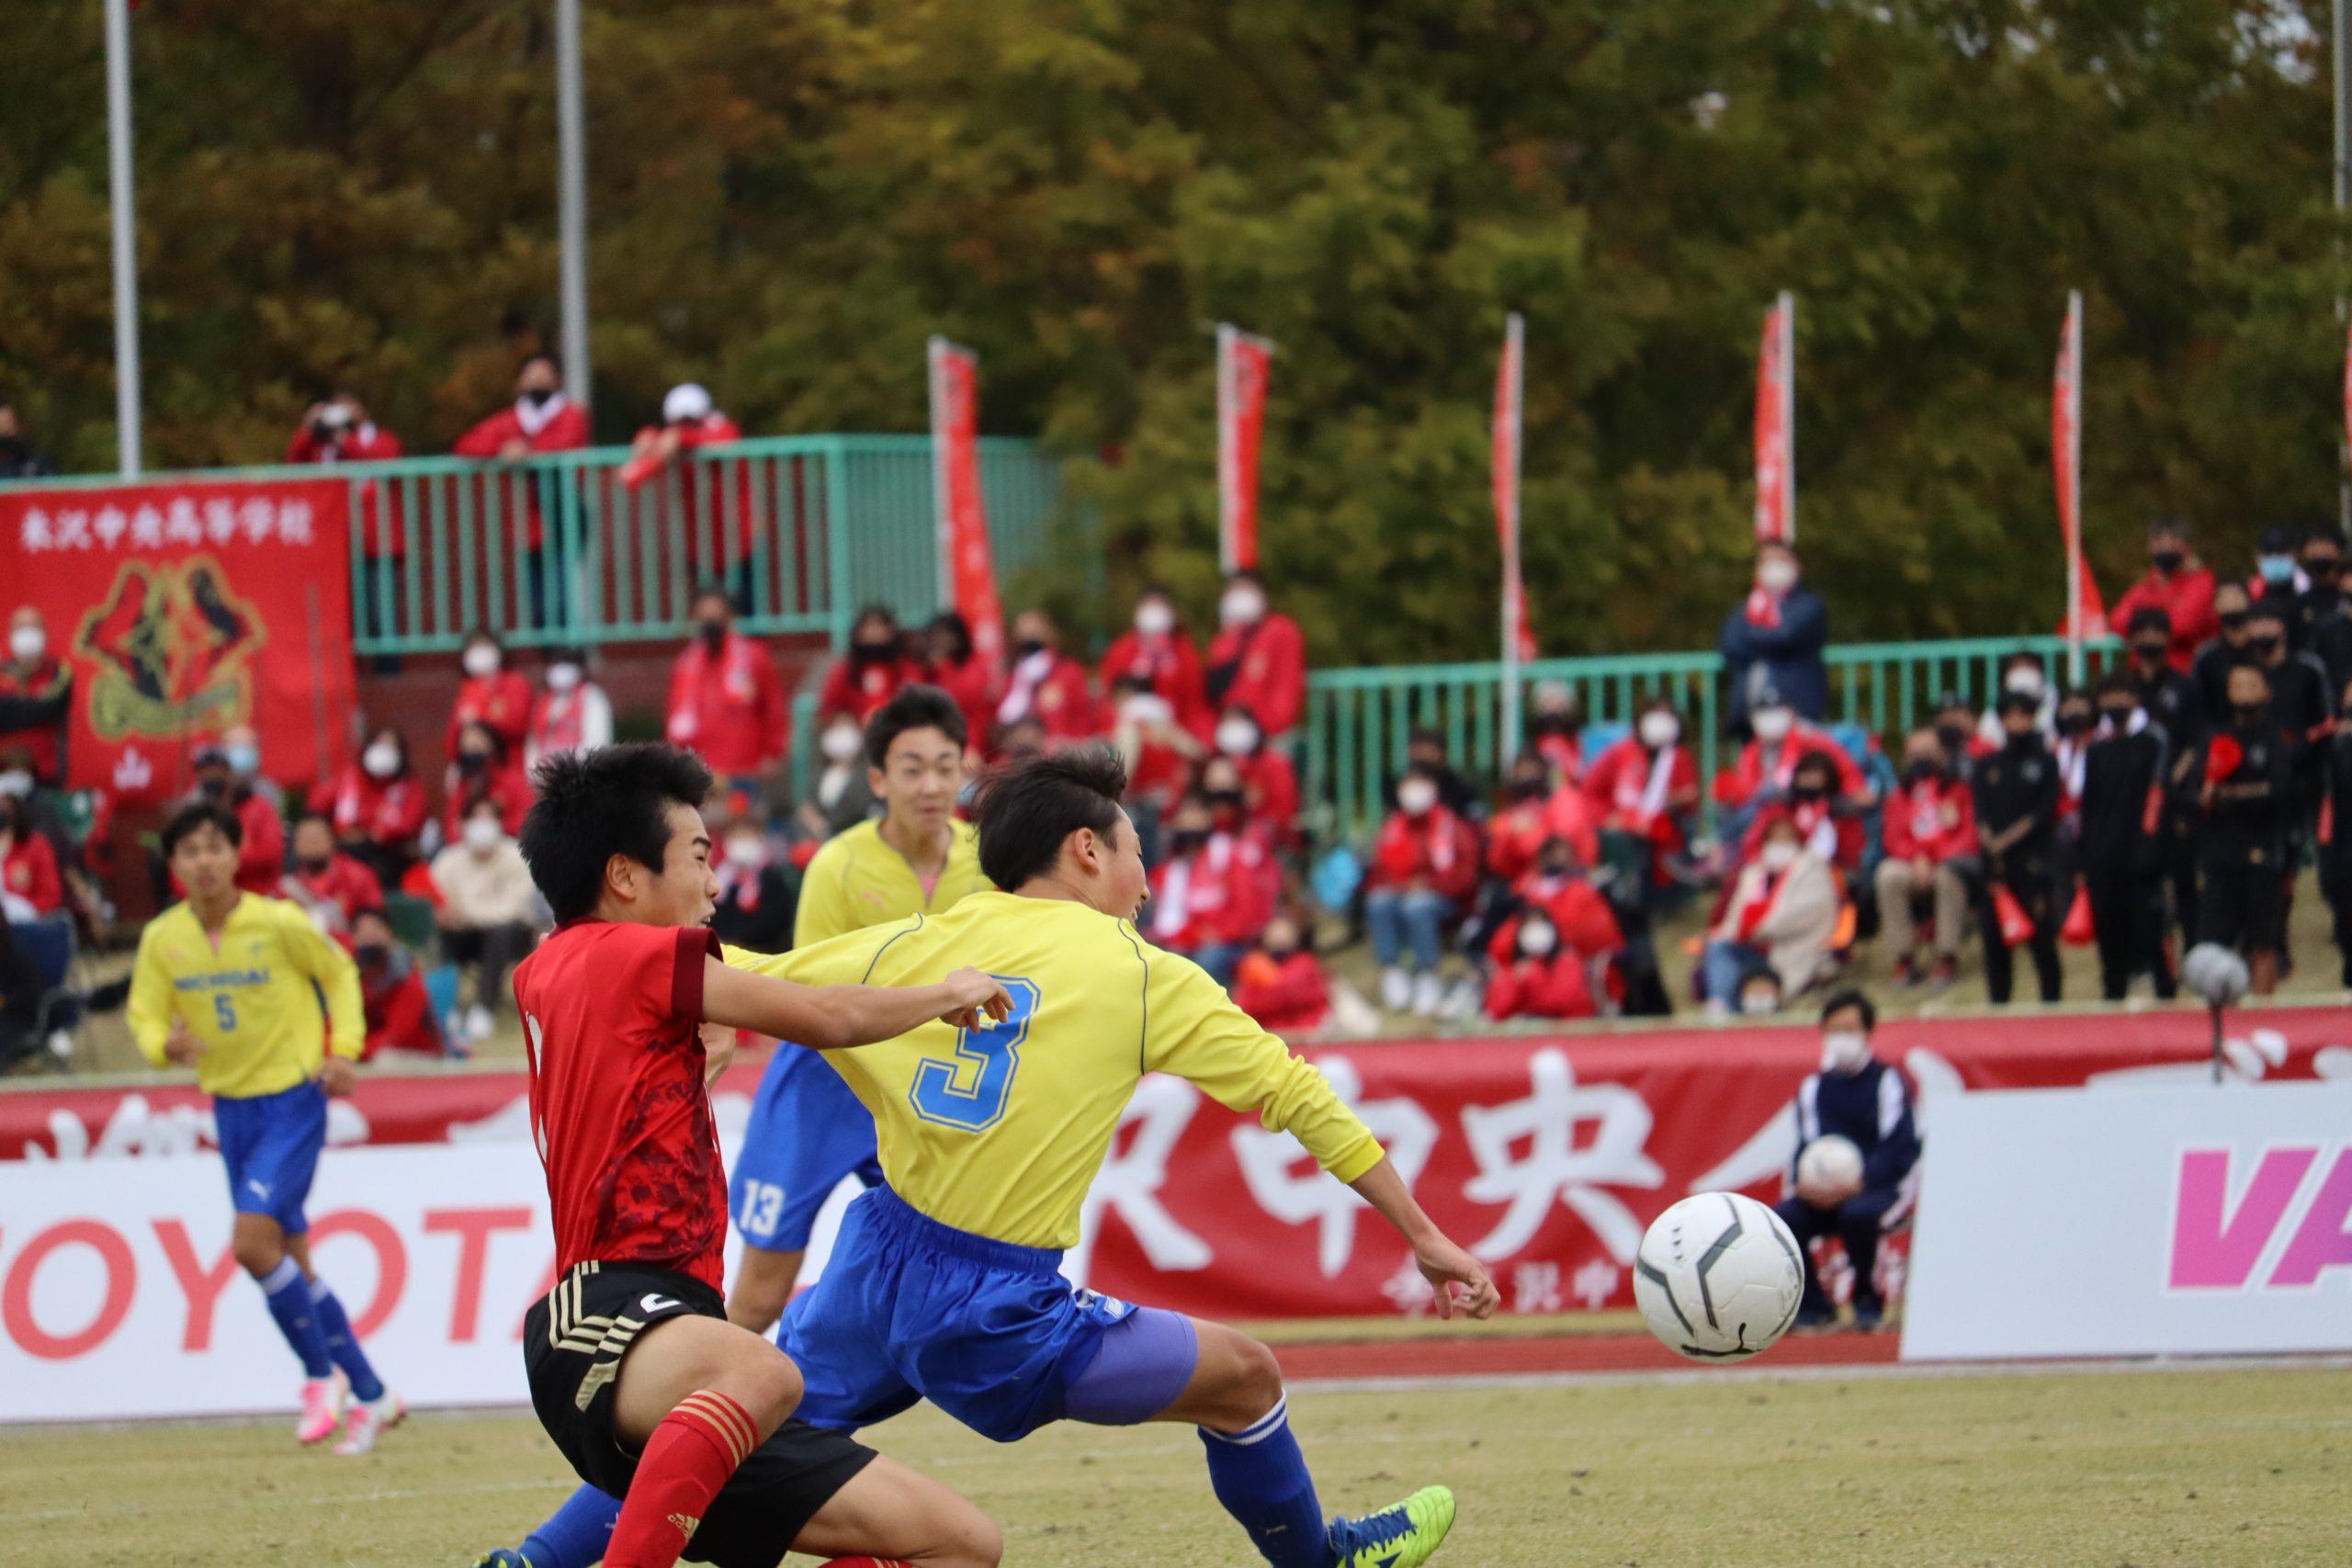 部 高校 米沢 中央 サッカー 米沢中央高等学校